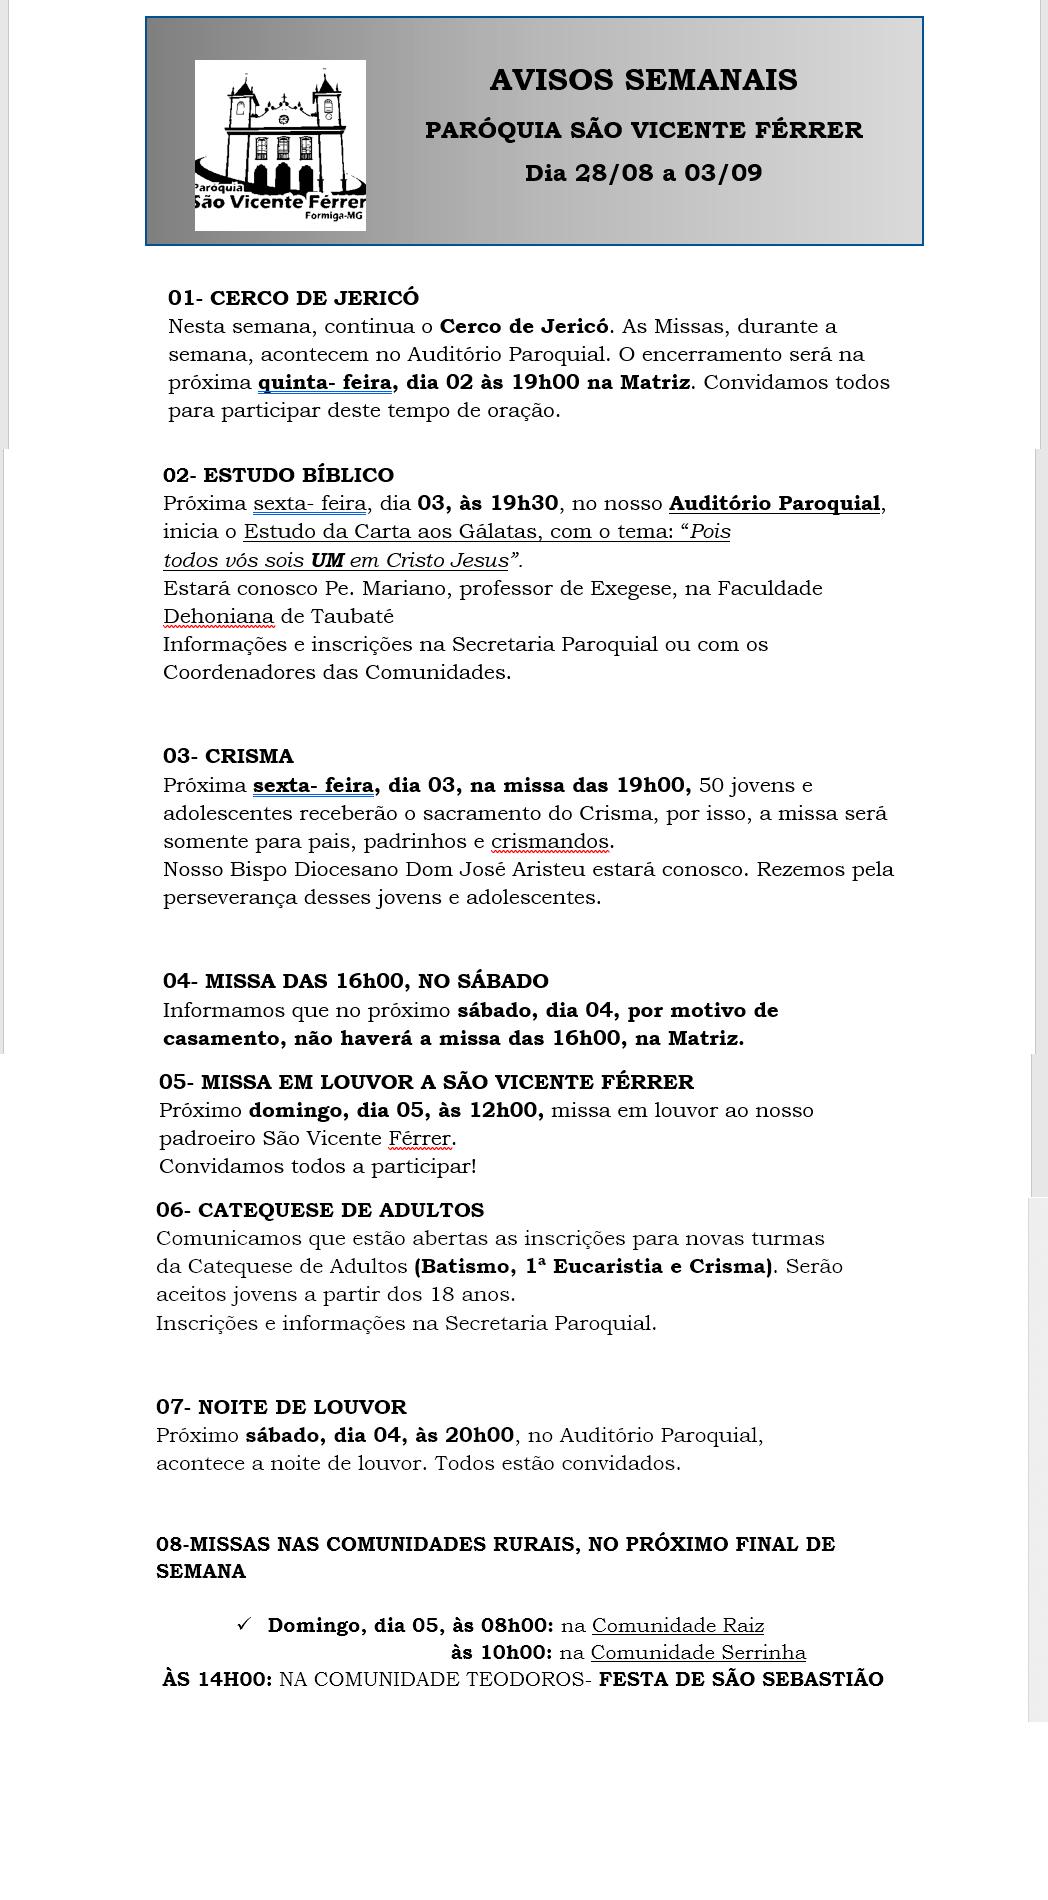 Avisos-paroquiais-28--08-a-03-09